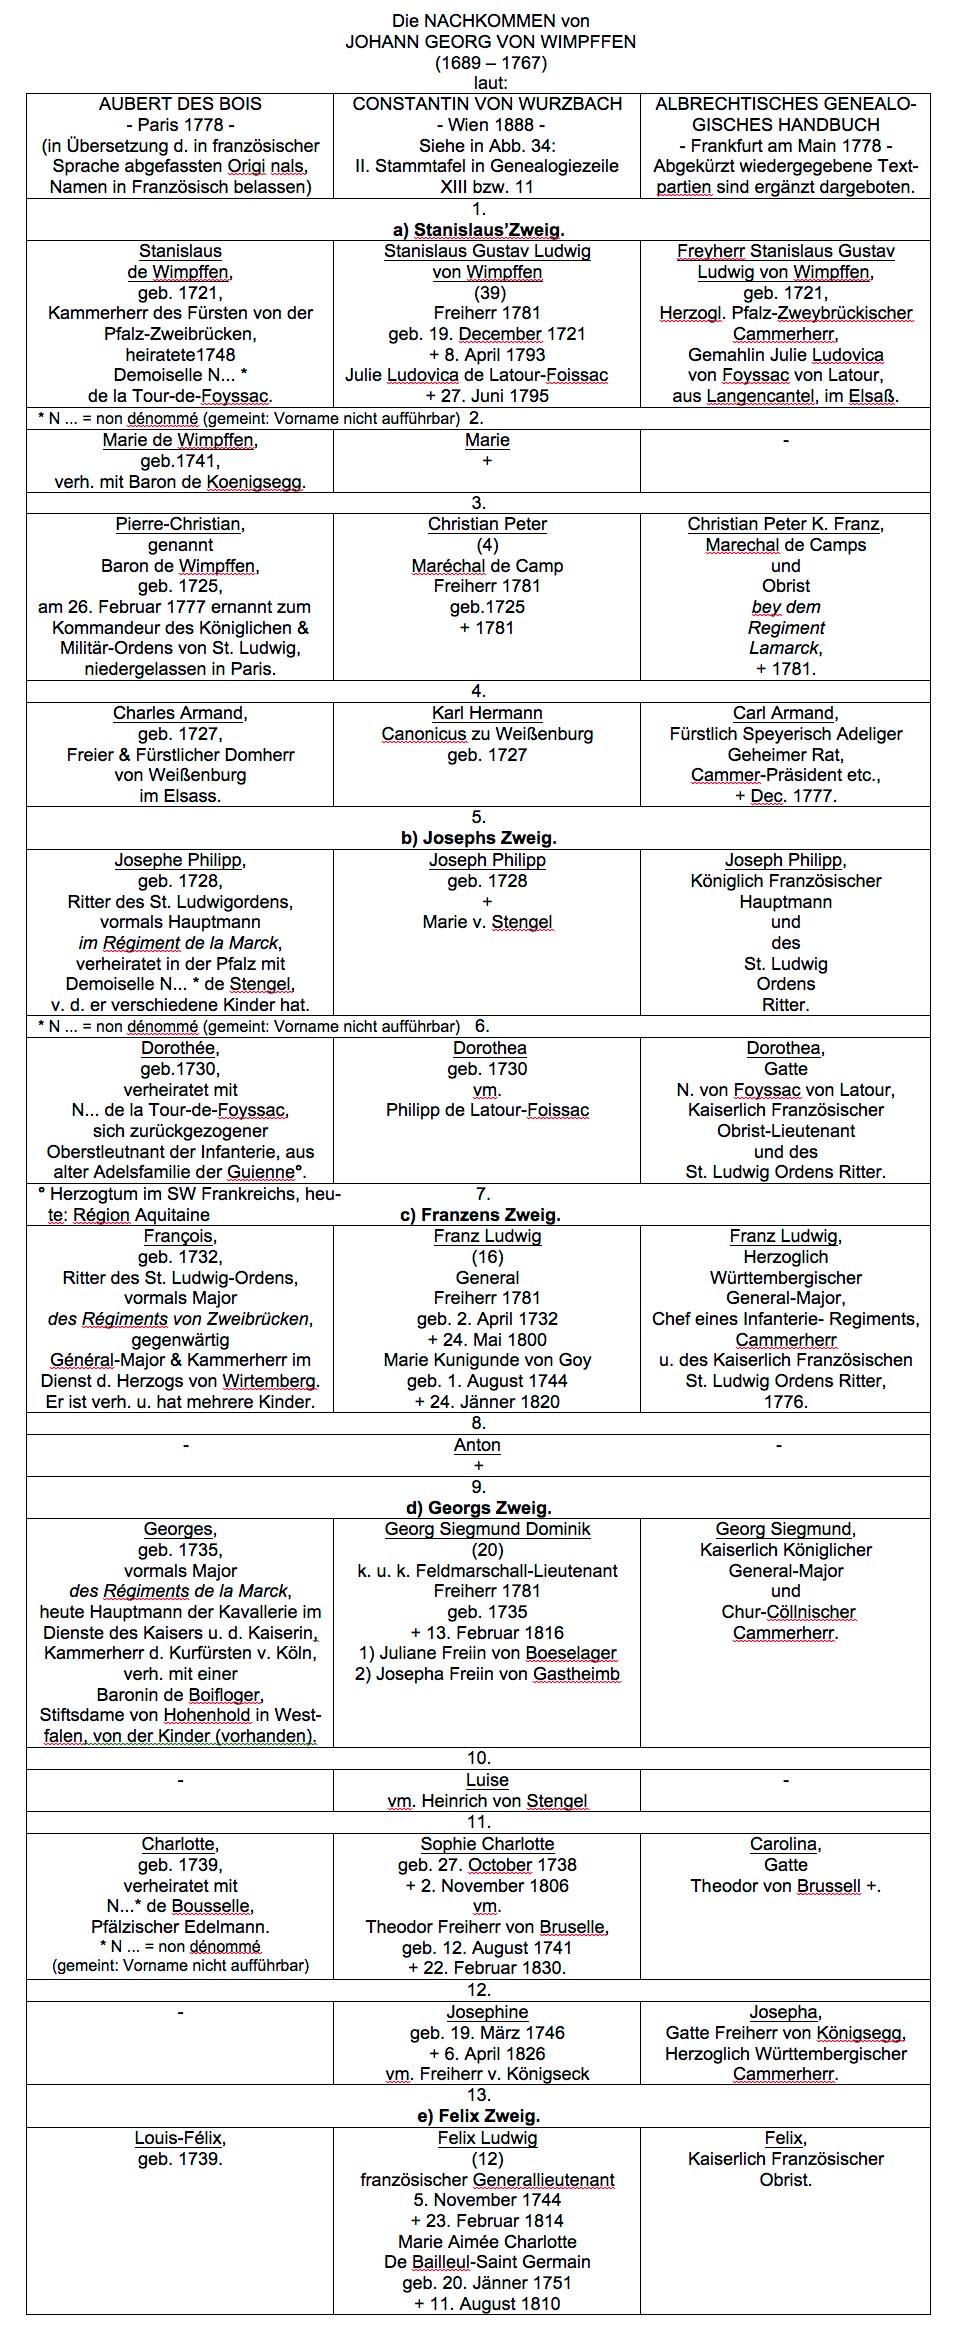 Die NACHKOMMEN von JOHANN GEORG VON WIMPFFEN (1689 – 1767) laut: AUBERT DES BOIS - Paris 1778 - (in Übersetzung d. in französischer Sprache abgefassten Origi nals, Namen in Französisch belassen) CONSTANTIN VON WURZBACH - Wien 1888 - Siehe in Abb. 34: II. Stammtafel in Genealogiezeile XIII bzw. 11 ALBRECHTISCHES GENEALO- GISCHES HANDBUCH - Frankfurt am Main 1778 - Abgekürzt wiedergegebene Text- partien sind ergänzt dargeboten. 1. a) Stanislaus'Zweig. Stanislaus de Wimpffen, geb. 1721, Kammerherr des Fürsten von der Pfalz-Zweibrücken, heiratete1748 Demoiselle N... * de la Tour-de-Foyssac. Stanislaus Gustav Ludwig von Wimpffen (39) Freiherr 1781 geb. 19. December 1721 + 8. April 1793 Julie Ludovica de Latour-Foissac + 27. Juni 1795 Freyherr Stanislaus Gustav Ludwig von Wimpffen, geb. 1721, Herzogl. Pfalz-Zweybrückischer Cammerherr, Gemahlin Julie Ludovica von Foyssac von Latour, aus Langencantel, im Elsaß. * N ... = non dénommé (gemeint: Vorname nicht aufführbar) 2. Marie de Wimpffen, geb.1741, verh. mit Baron de Koenigsegg. Marie + - 3. Pierre-Christian, genannt Baron de Wimpffen, geb. 1725, am 26. Februar 1777 ernannt zum Kommandeur des Königlichen & Militär-Ordens von St. Ludwig, niedergelassen in Paris. Christian Peter (4) Maréchal de Camp Freiherr 1781 geb.1725 + 1781 Christian Peter K. Franz, Marechal de Camps und Obrist bey dem Regiment Lamarck, + 1781. 4. Charles Armand, geb. 1727, Freier & Fürstlicher Domherr von Weißenburg im Elsass. Karl Hermann Canonicus zu Weißenburg geb. 1727 Carl Armand, Fürstlich Speyerisch Adeliger Geheimer Rat, Cammer-Präsident etc., + Dec. 1777. 5. b) Josephs Zweig. Josephe Philipp, geb. 1728, Ritter des St. Ludwigordens, vormals Hauptmann im Régiment de la Marck, verheiratet in der Pfalz mit Demoiselle N... * de Stengel, v. d. er verschiedene Kinder hat. Joseph Philipp geb. 1728 + Marie v. Stengel Joseph Philipp, Königlich Französischer Hauptmann und des St. Ludwig Ordens Ritter. * N ... = non dénommé (gemeint: Vorname nicht aufführ